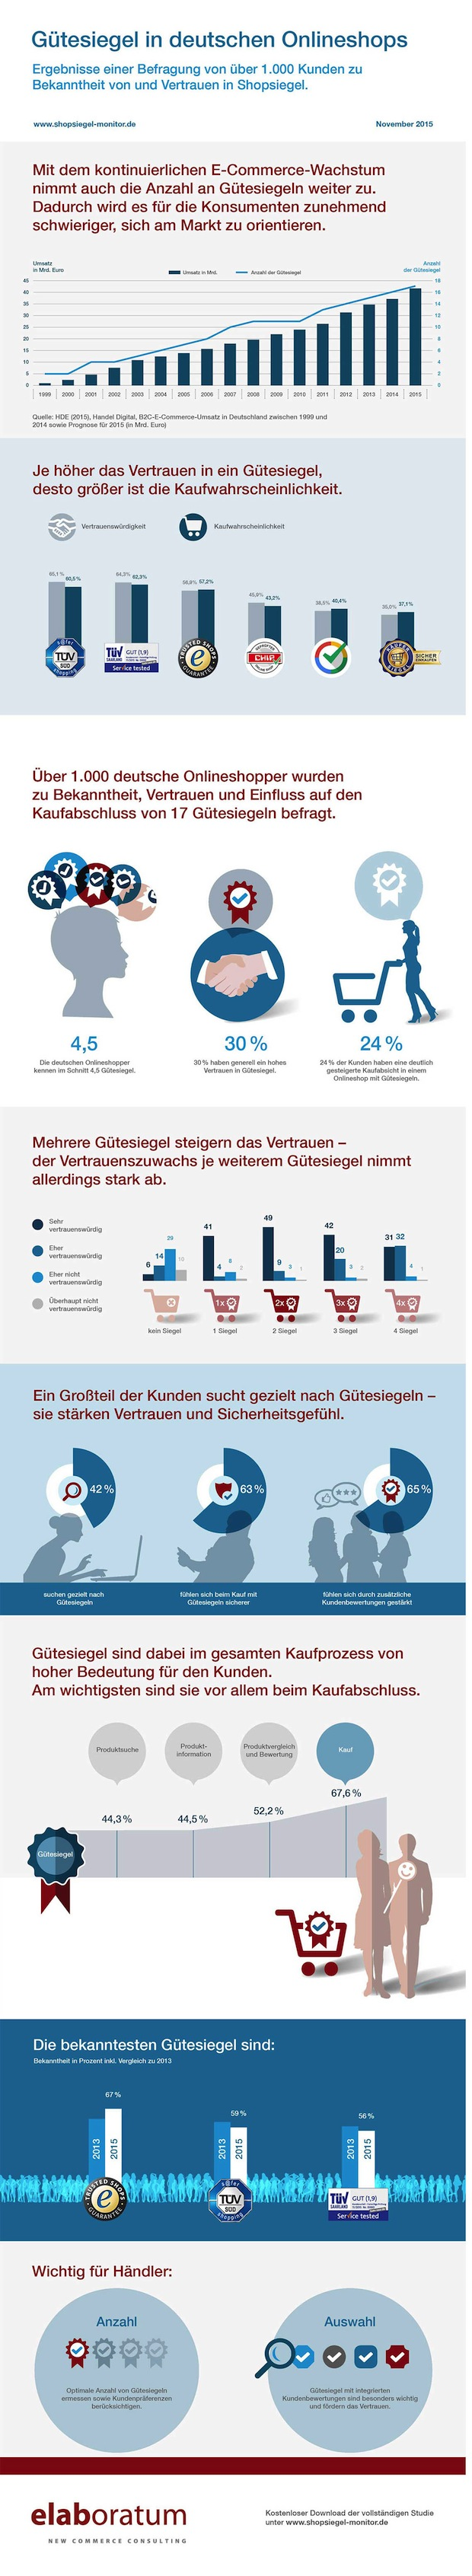 Photo of Shopsiegel-Monitor 2015: Welchen Gütesiegeln vertrauen deutsche Konsumenten beim Onlineshopping?